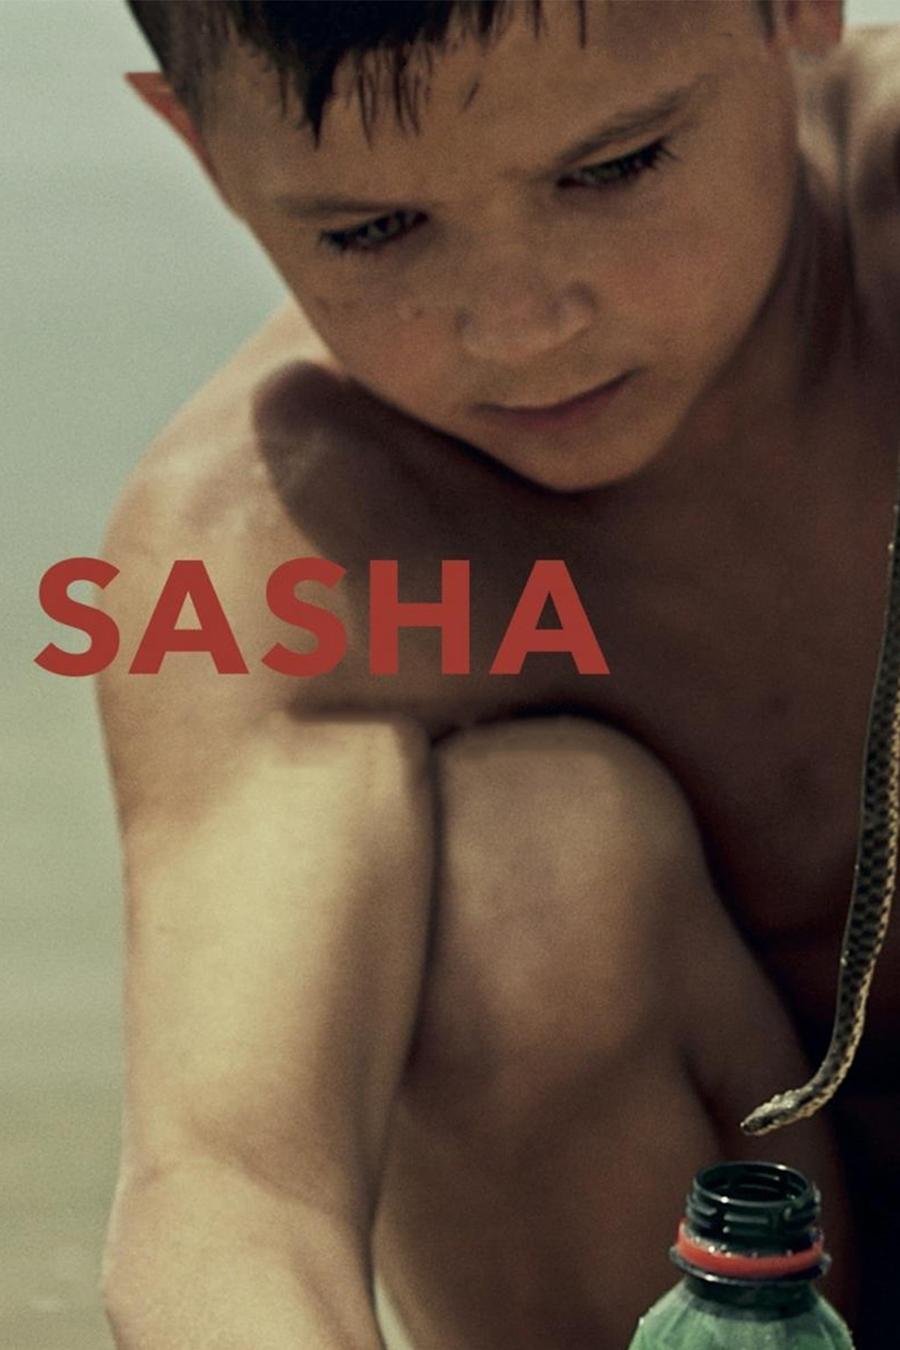 Sasha (2016)